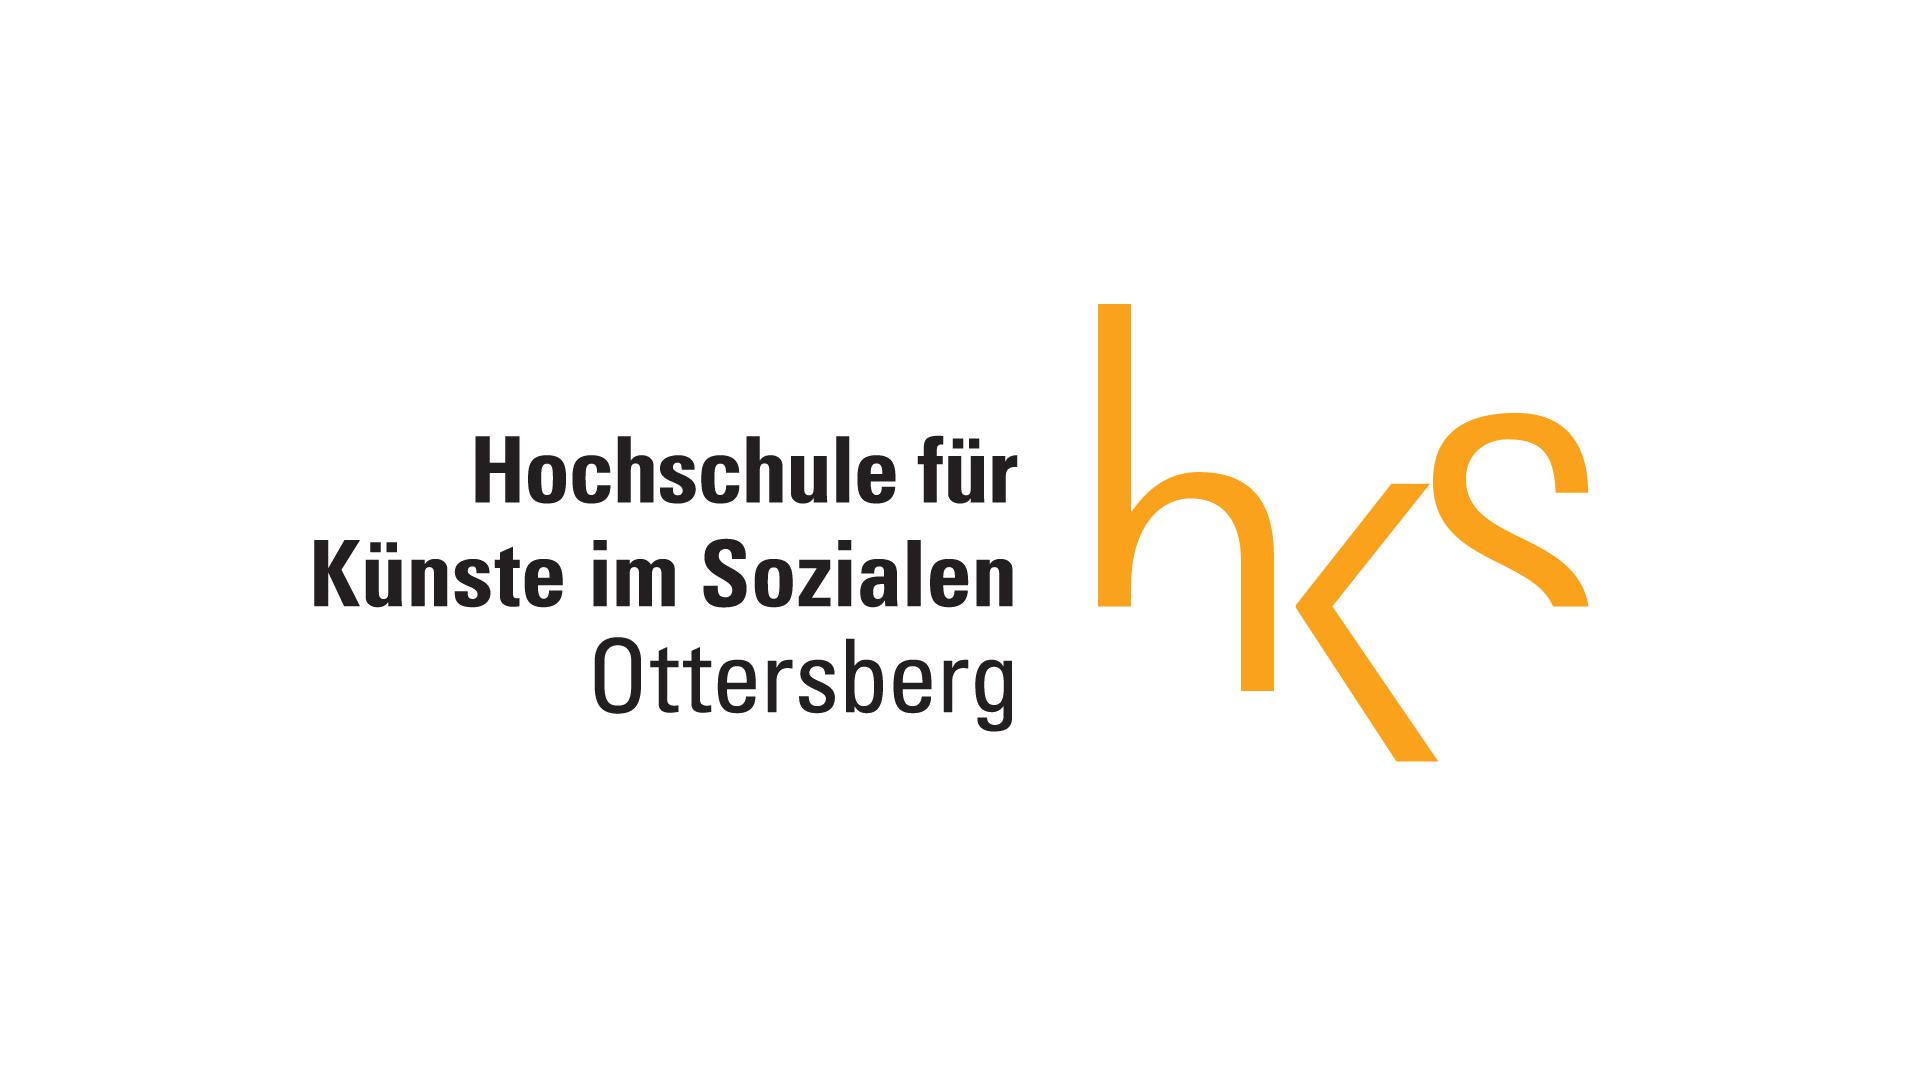 Hochschule für Künste im Sozialen, Ottersberg Logo, Corporate Design Handbuch